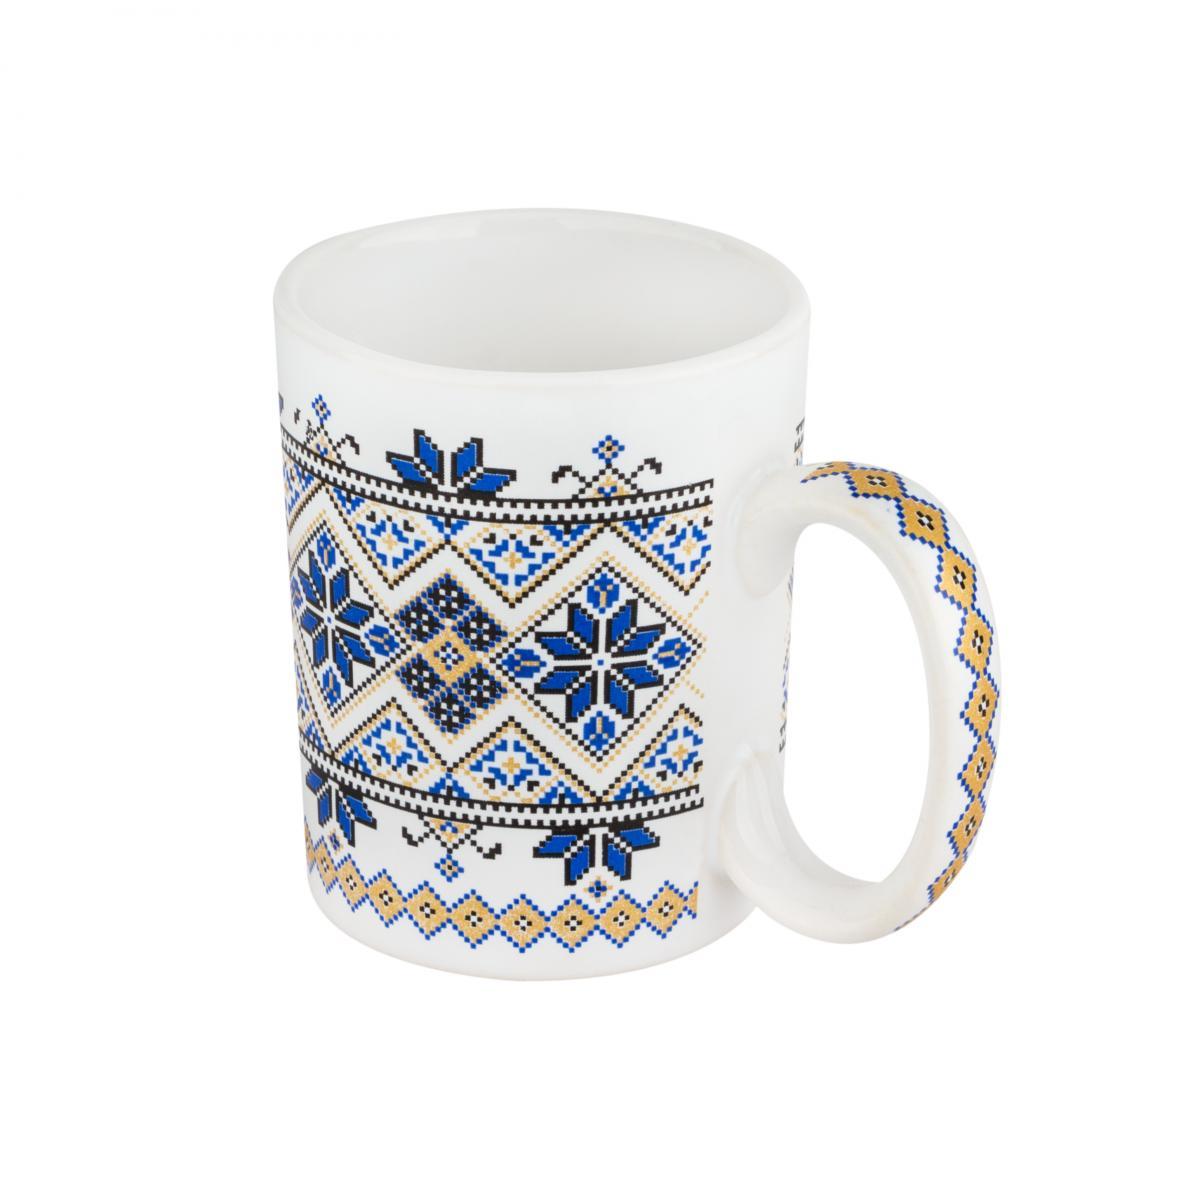 Чашка с желто-синим узором – 150 мл. Фото №2.   Народный дом Украина